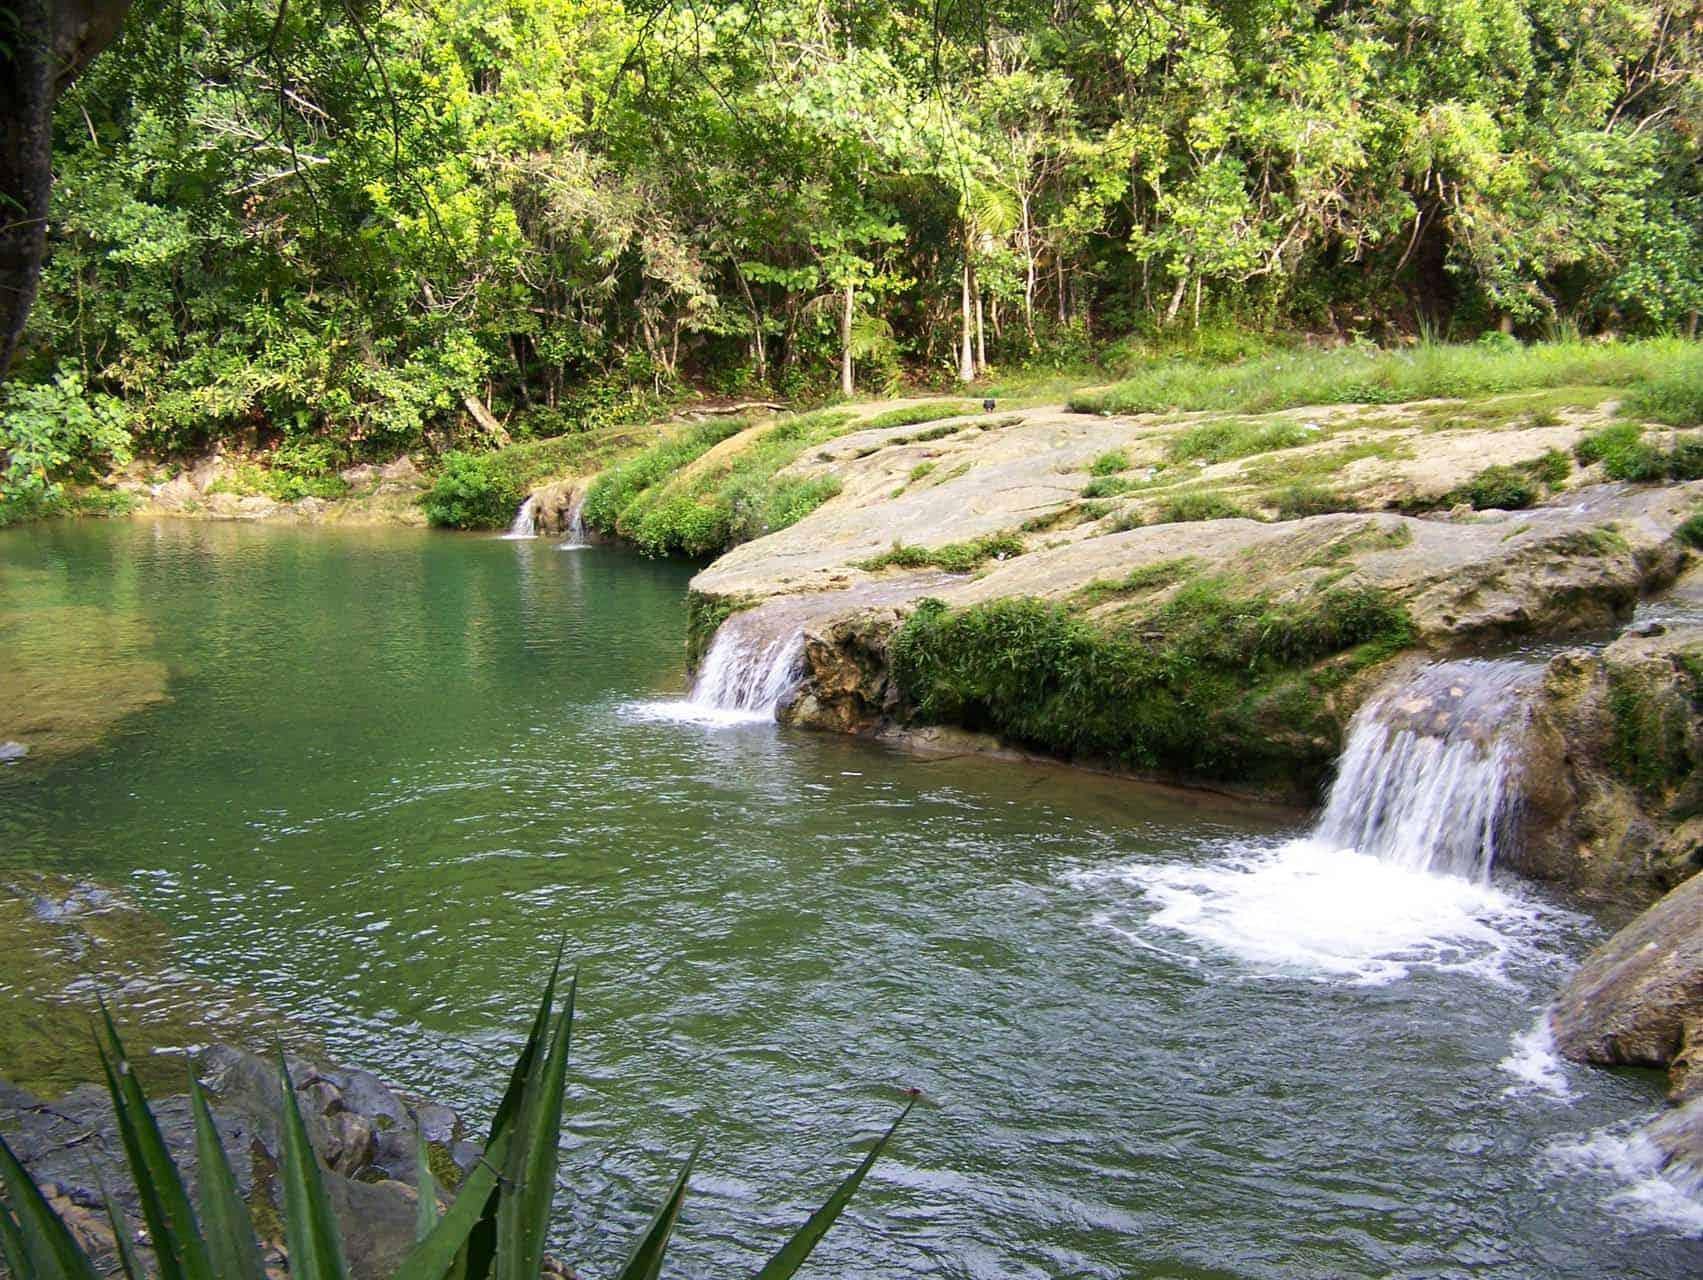 las terrazas riviere san juan nature cuba autrement